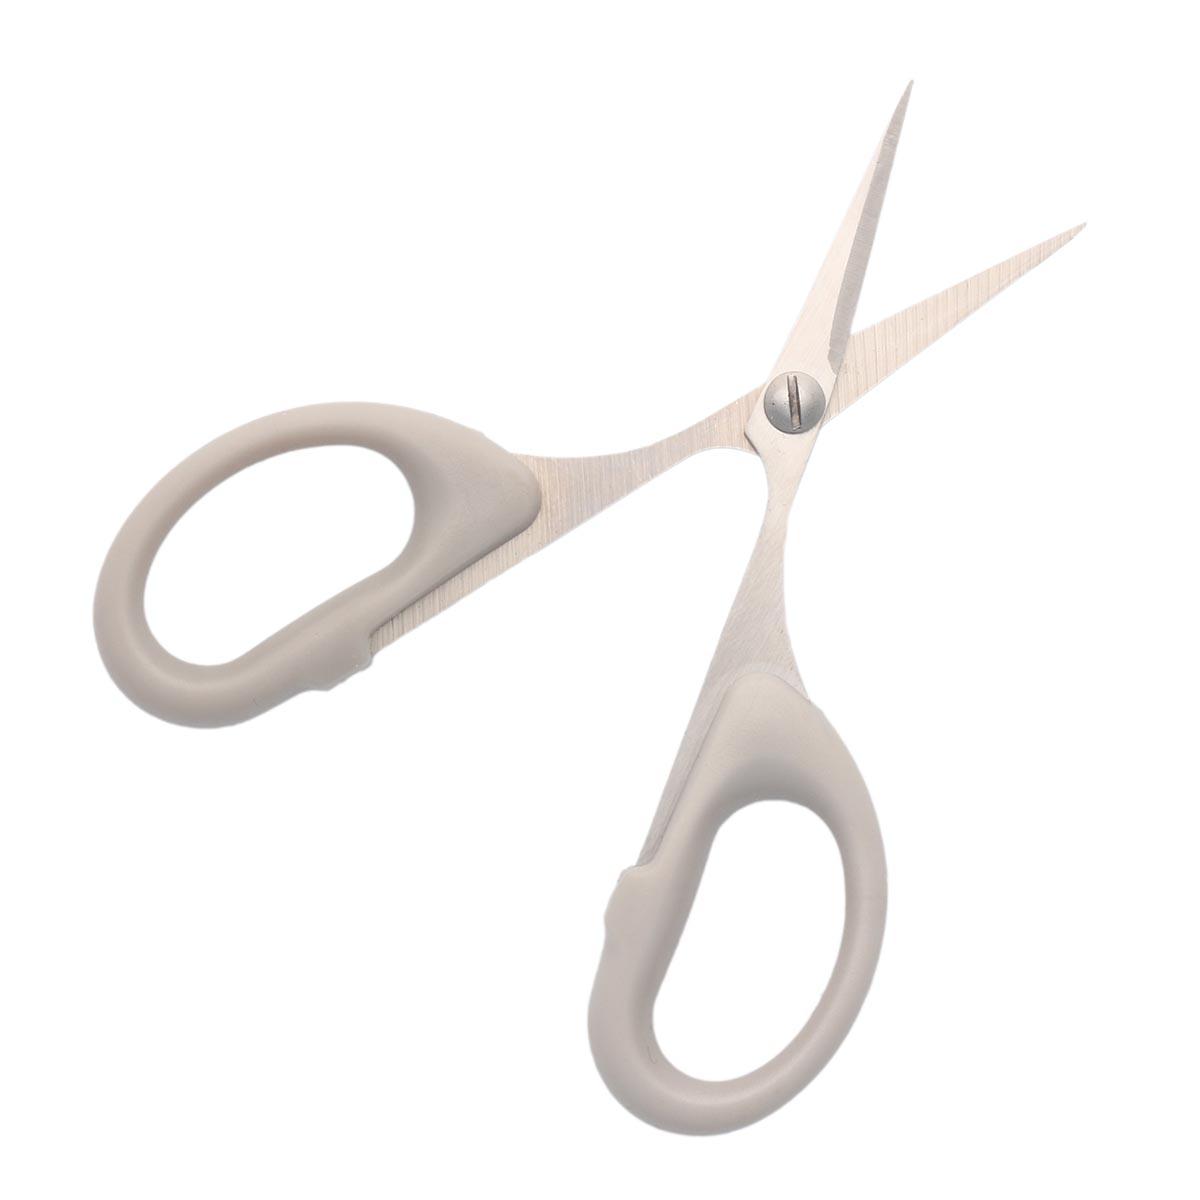 Набор ножниц для шитья базовый, Hobby&Pro портновские 21 см/портновские 16,5см/вышивальные 10 см